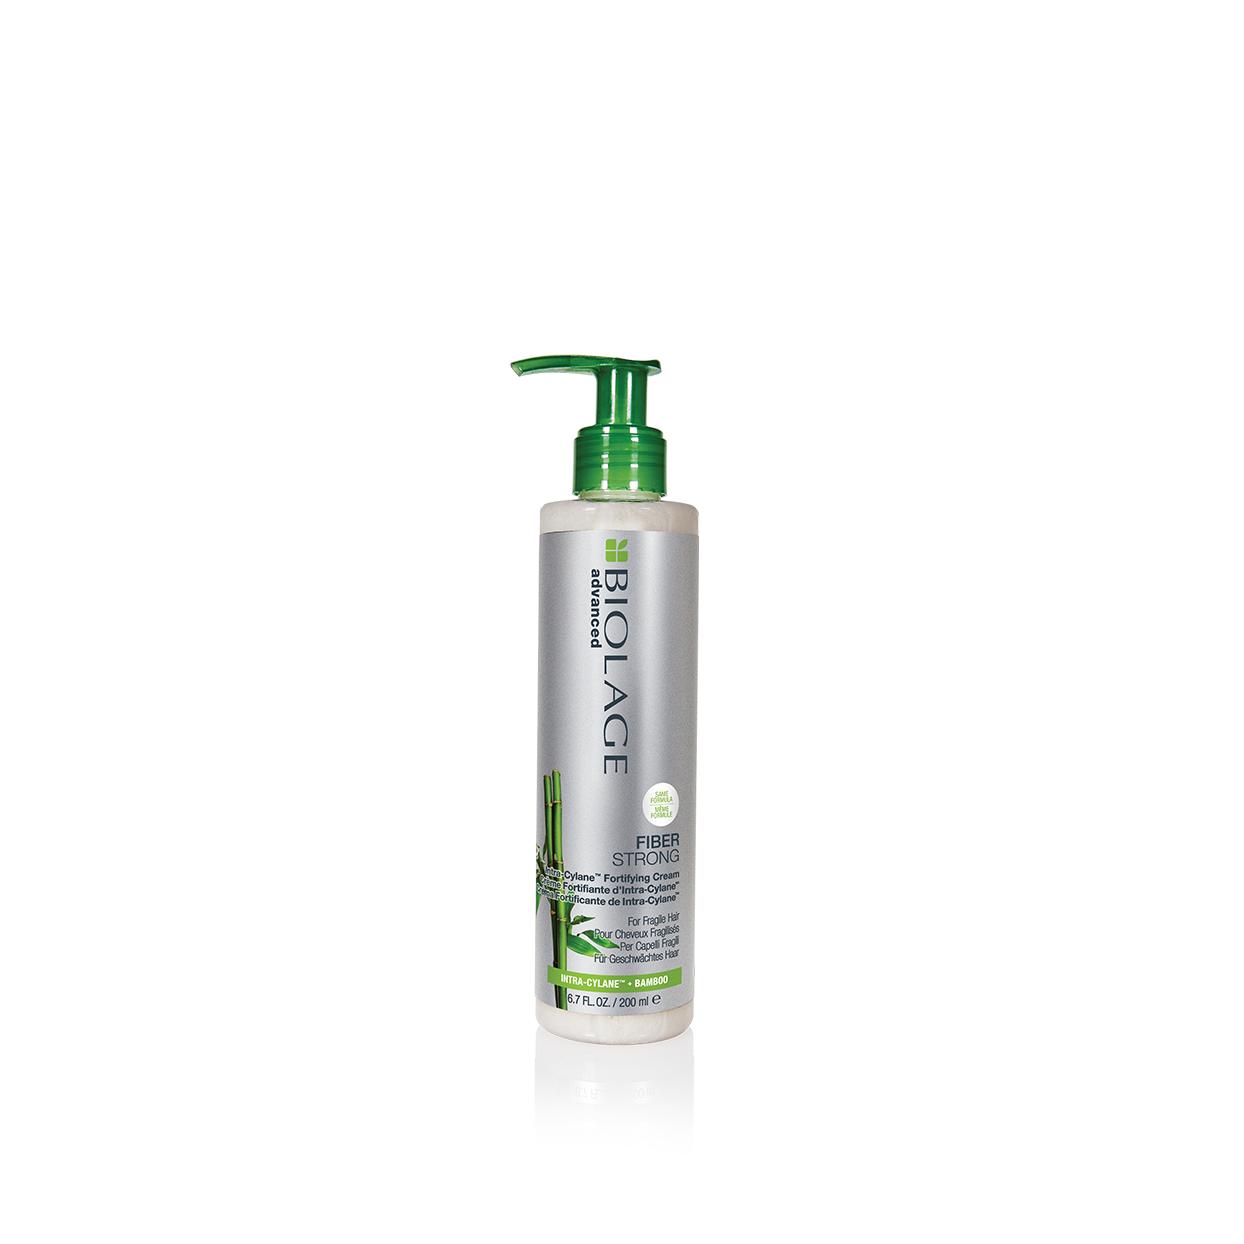 Biolage Advanced FiberStrong Fragile Hair Fortifying Cream Strengthening Cream for Fragile Hair